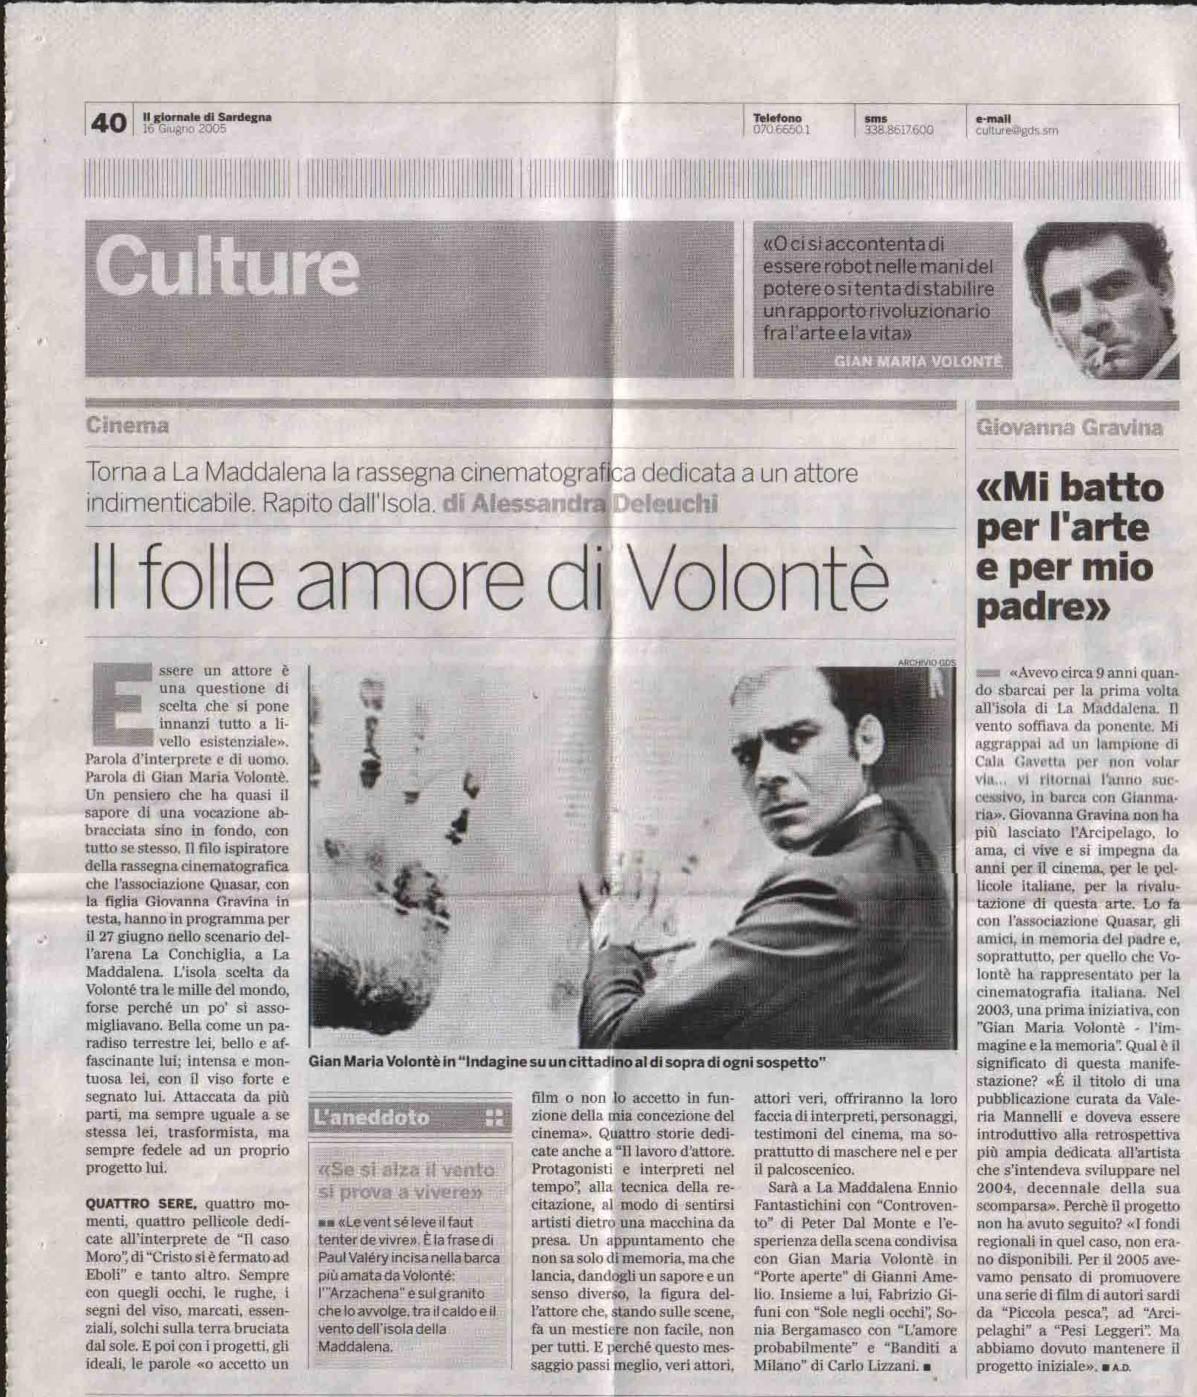 Il giornale di Sardegna (culture) 16 giu 2005